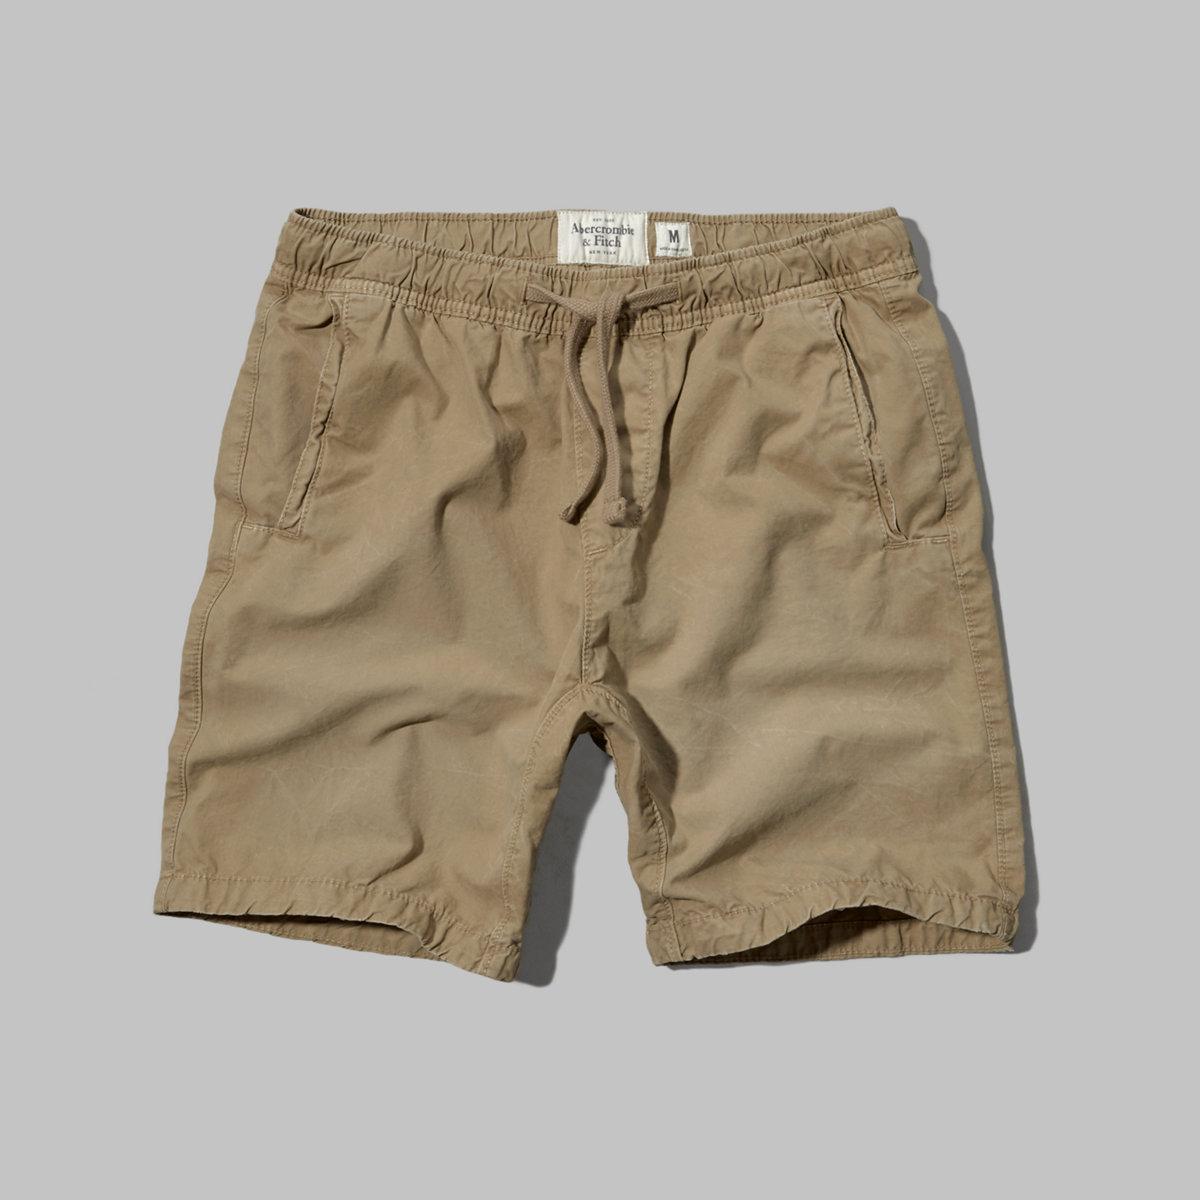 A&F Jogger Shorts